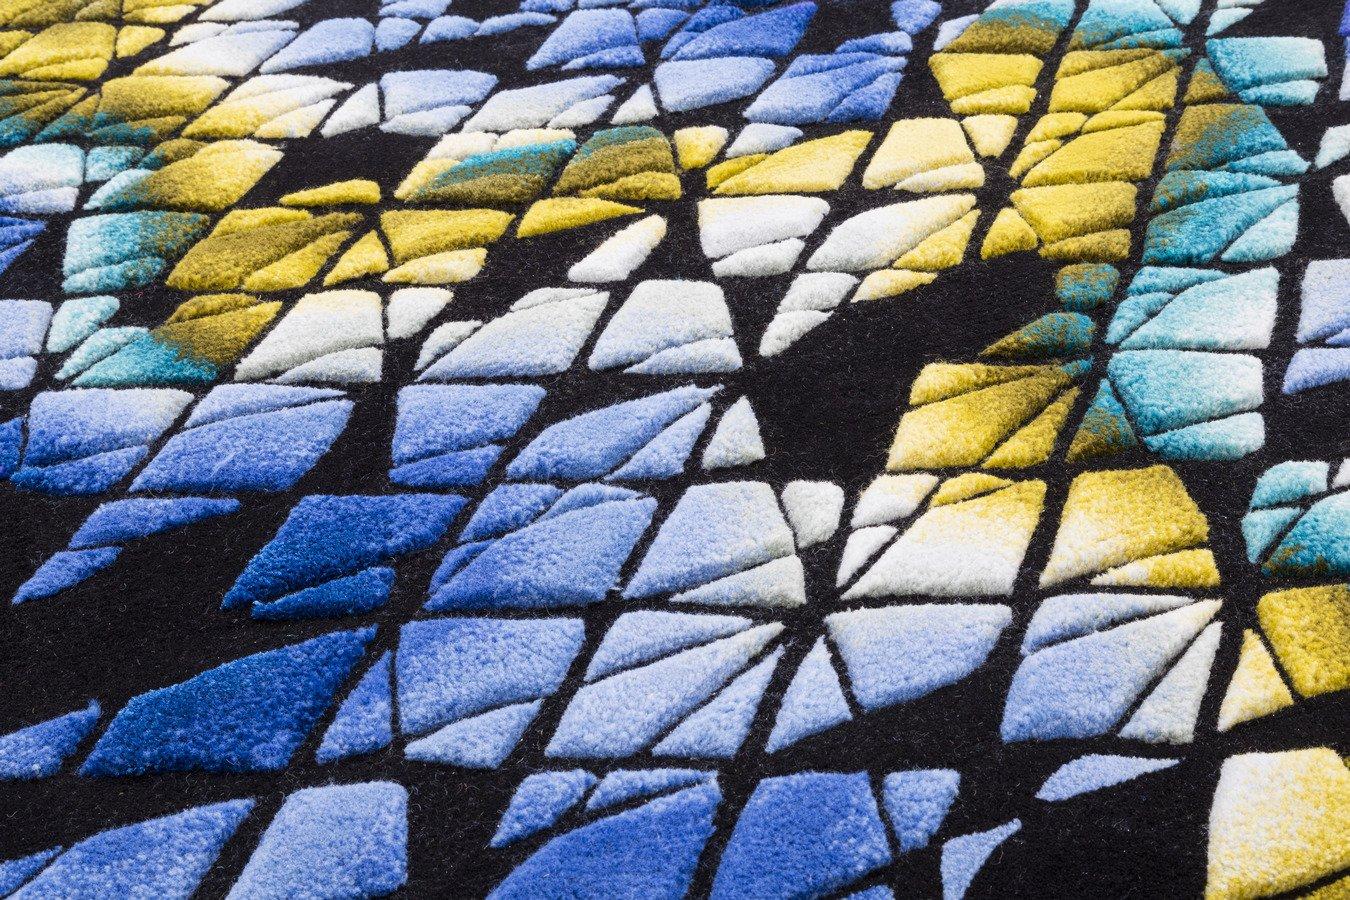 architecture-in-the-carpet-design-05